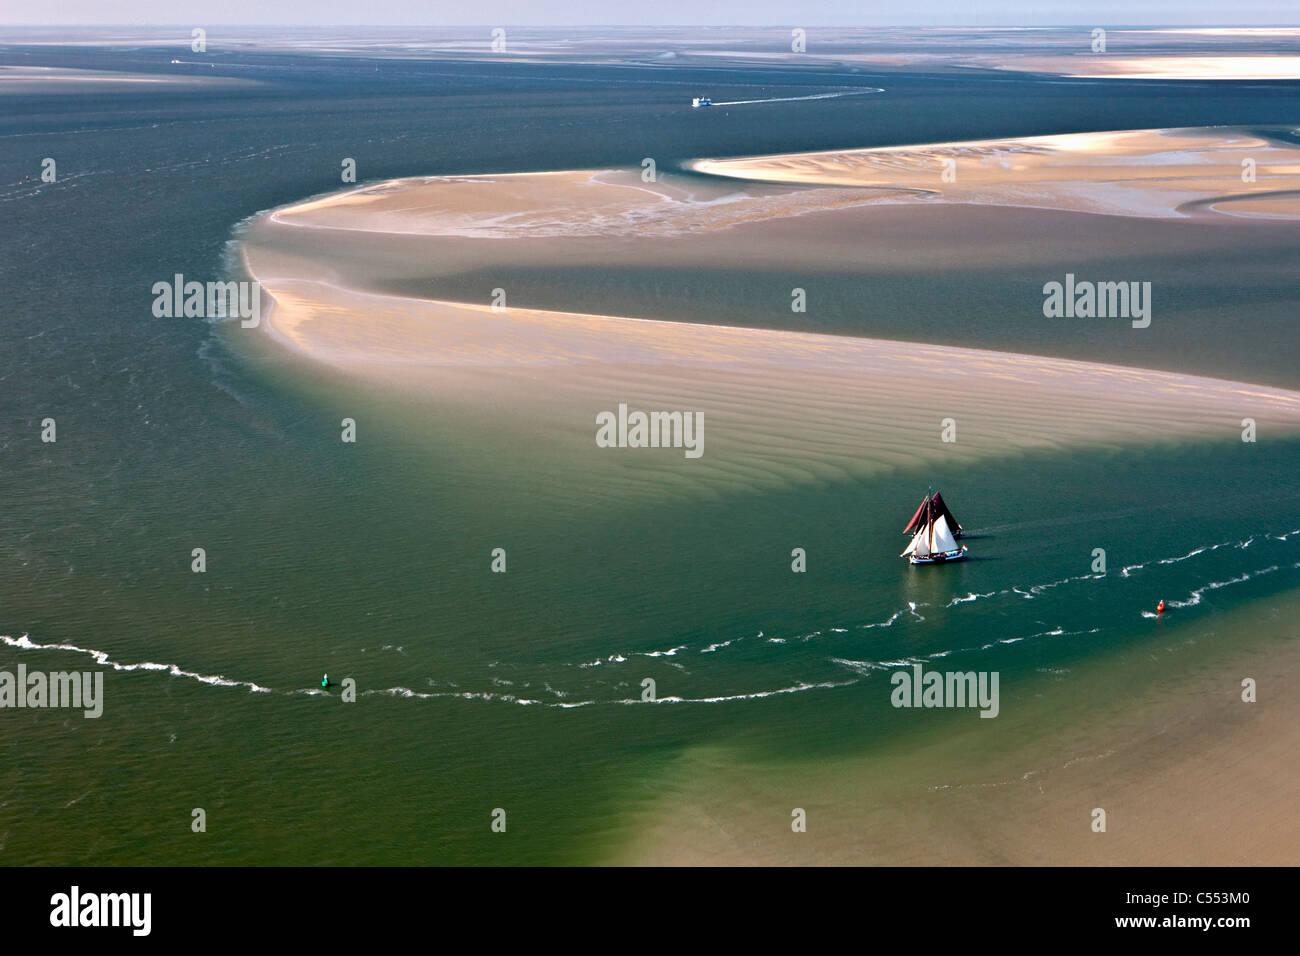 Holland, Isola di Terschelling, il Wadden Sea. Unesco - Sito Patrimonio dell'umanità. Antenna. Cargo tradizionali Immagini Stock